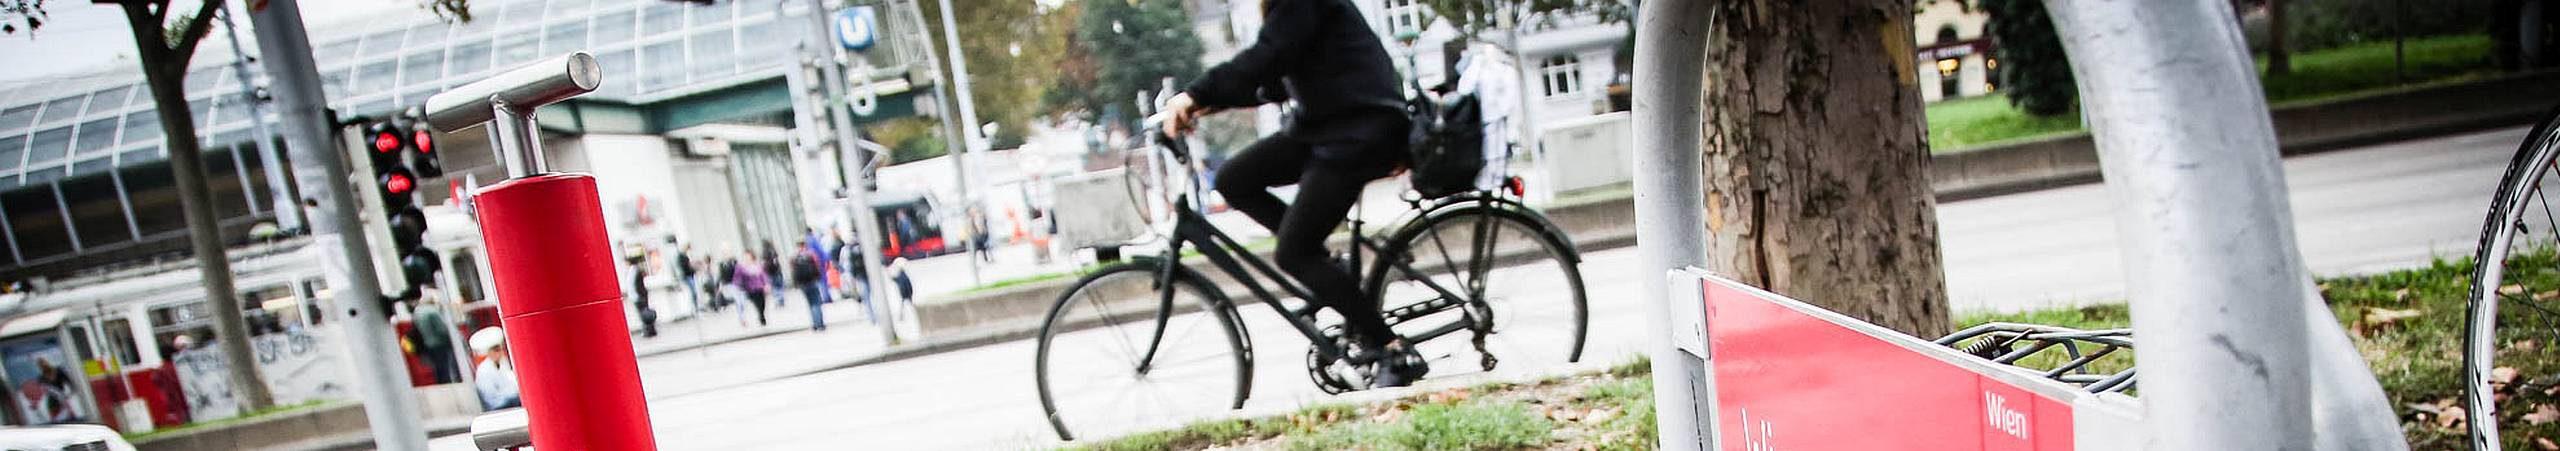 Am Europaplatz stellt Fahrrad Wien eine öffentliche Luftpumpe zur Verfügung.